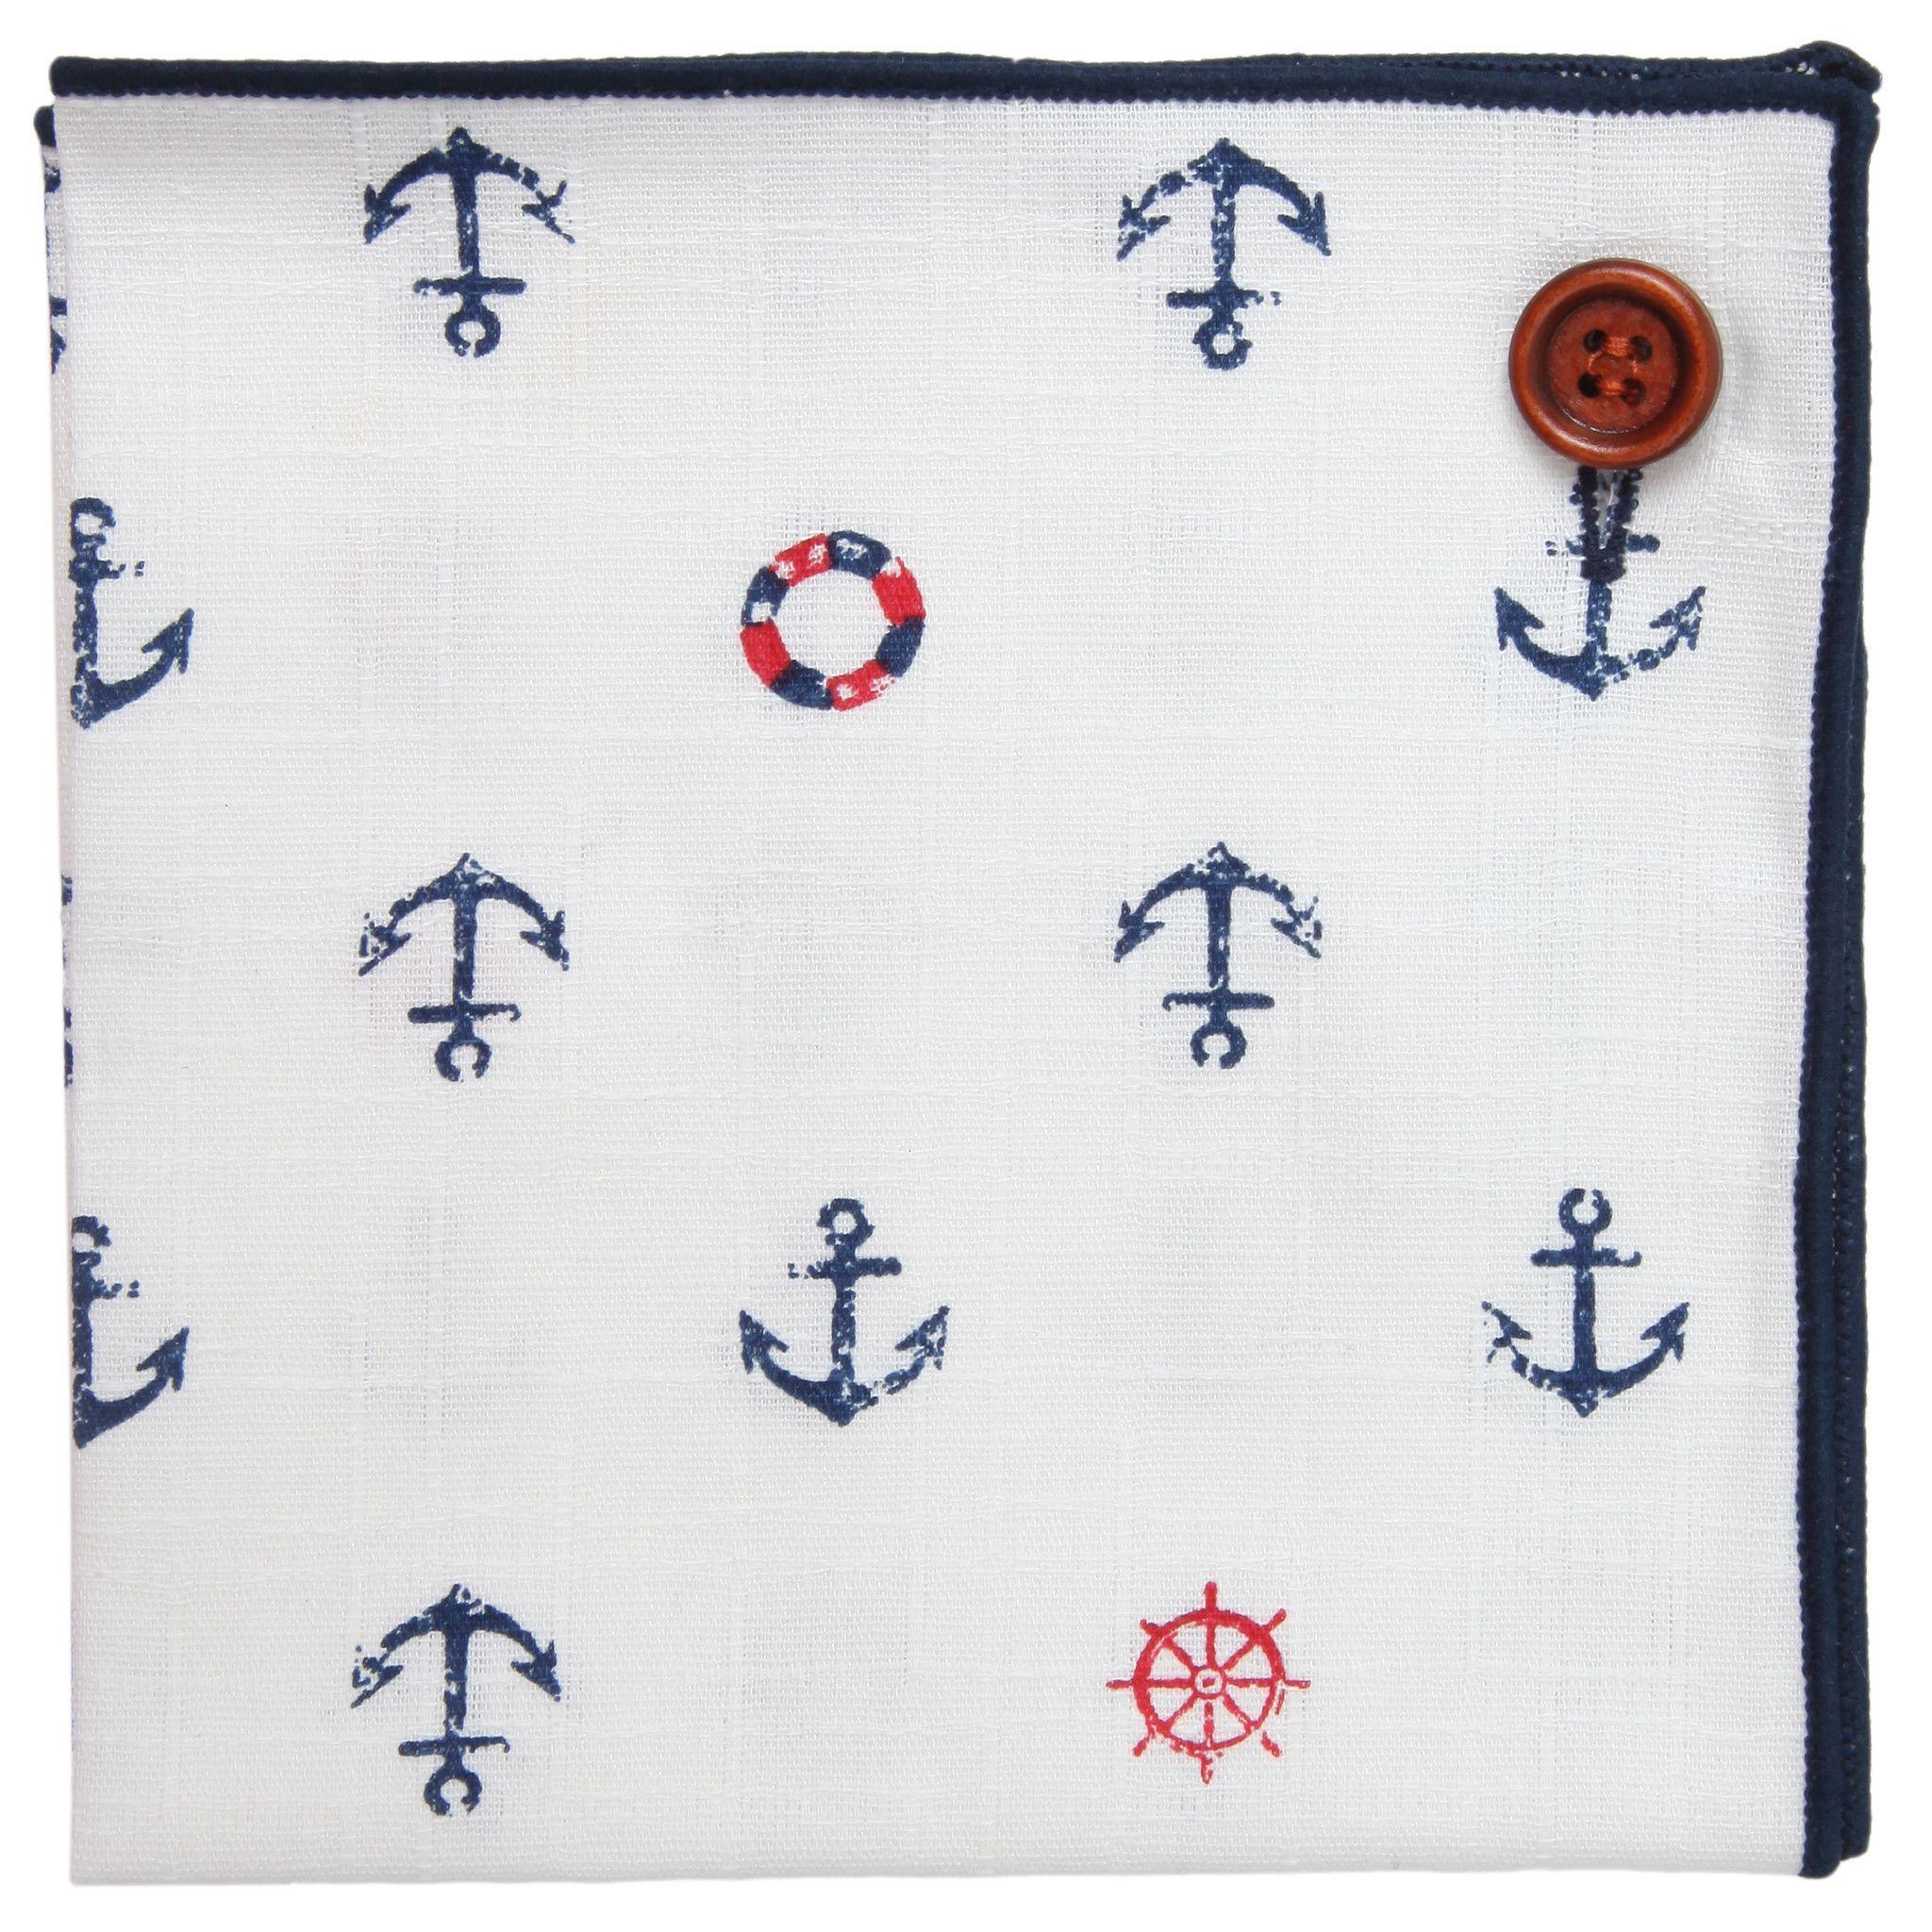 Puentes Denver Pocket Square 100% Cotton, White w Blue Trim, Nautical Button Collection